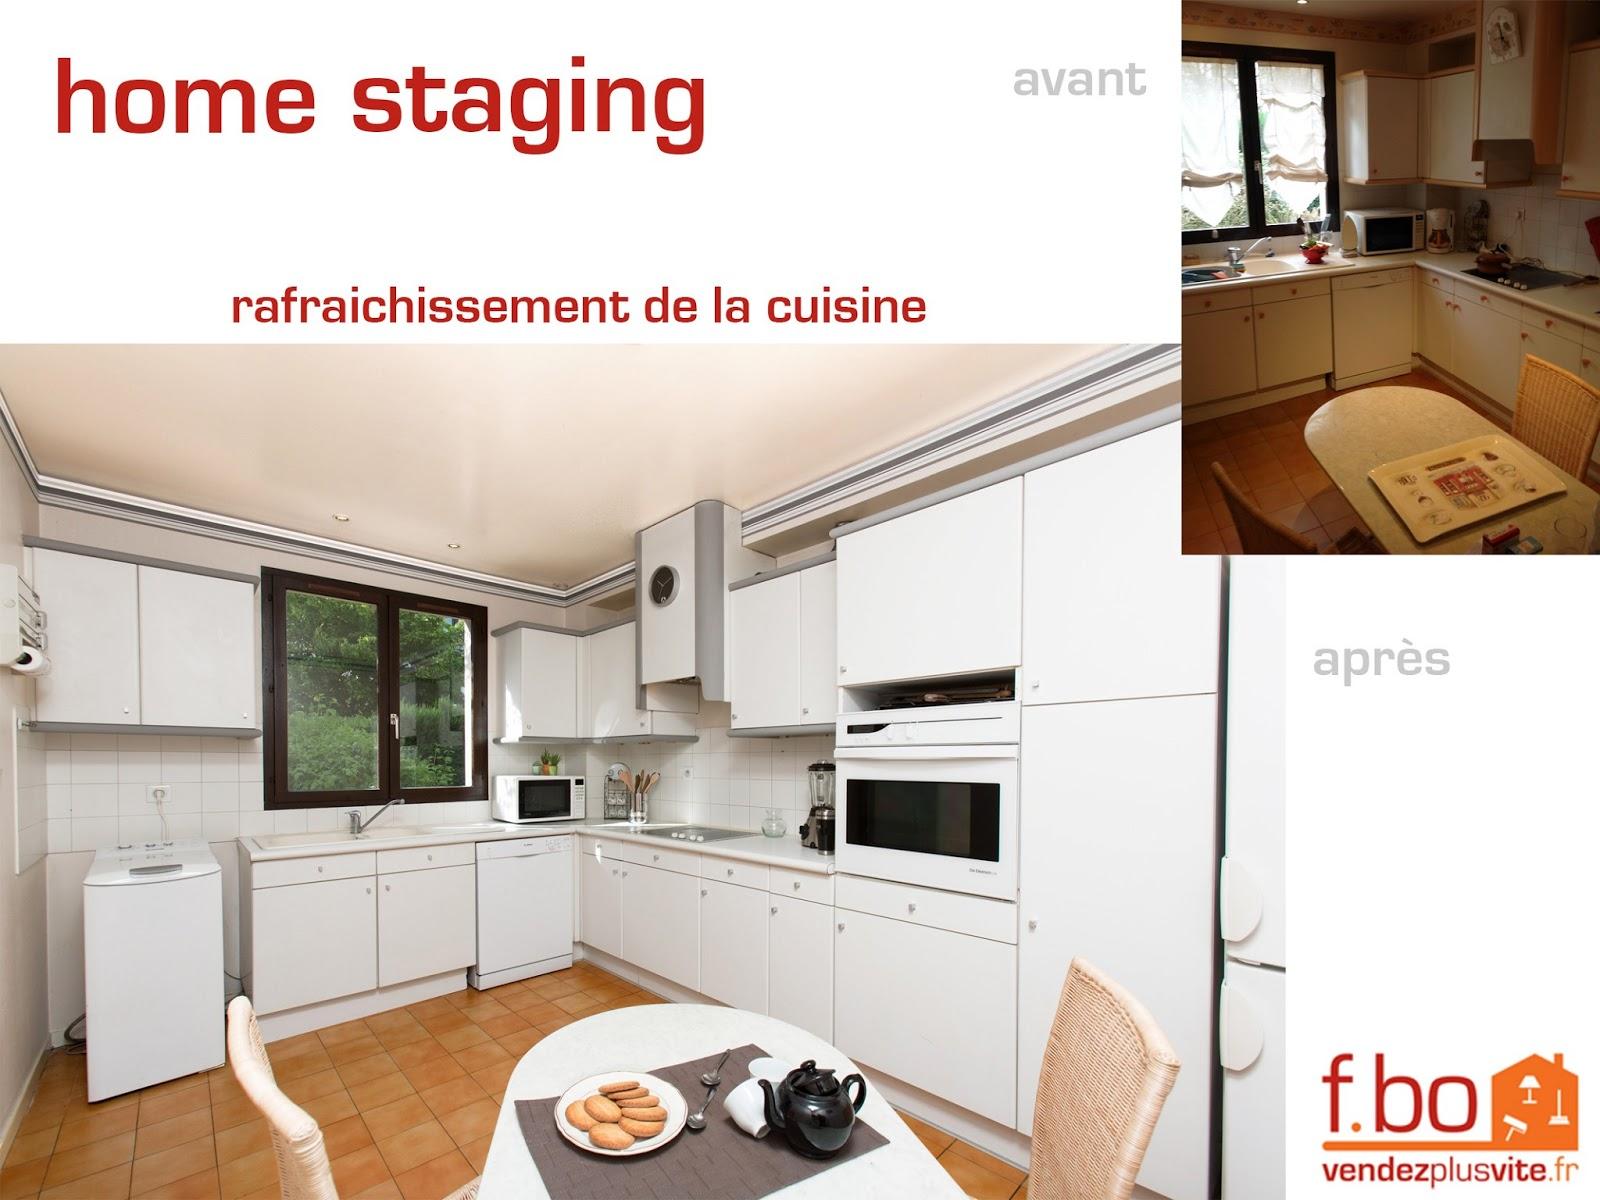 Vendez plus vite votre bien ma derni re r alisation en images une maison p - Home staging cuisine ...